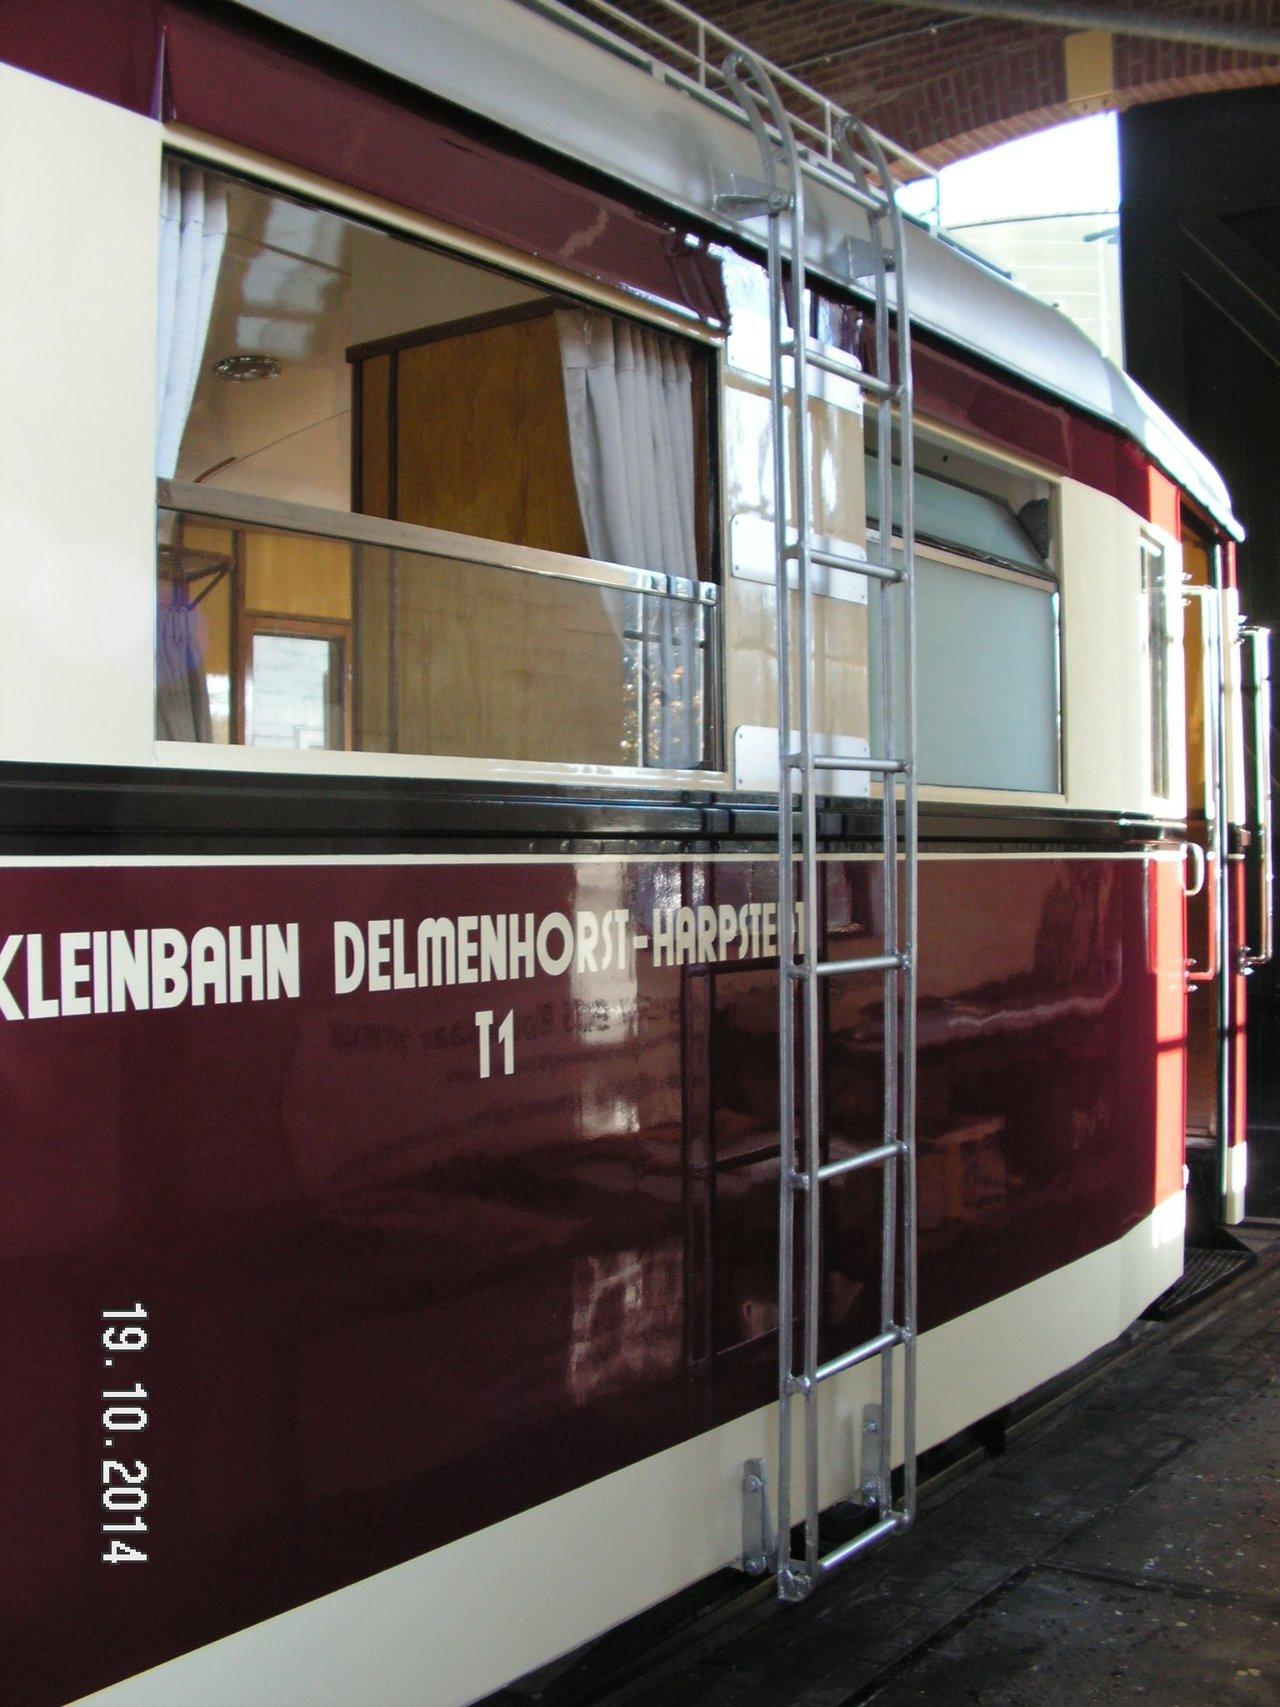 Diorama Bahnhof Asendorf mit T41 in H0e / 1/87 Schmalspur 38115887vu